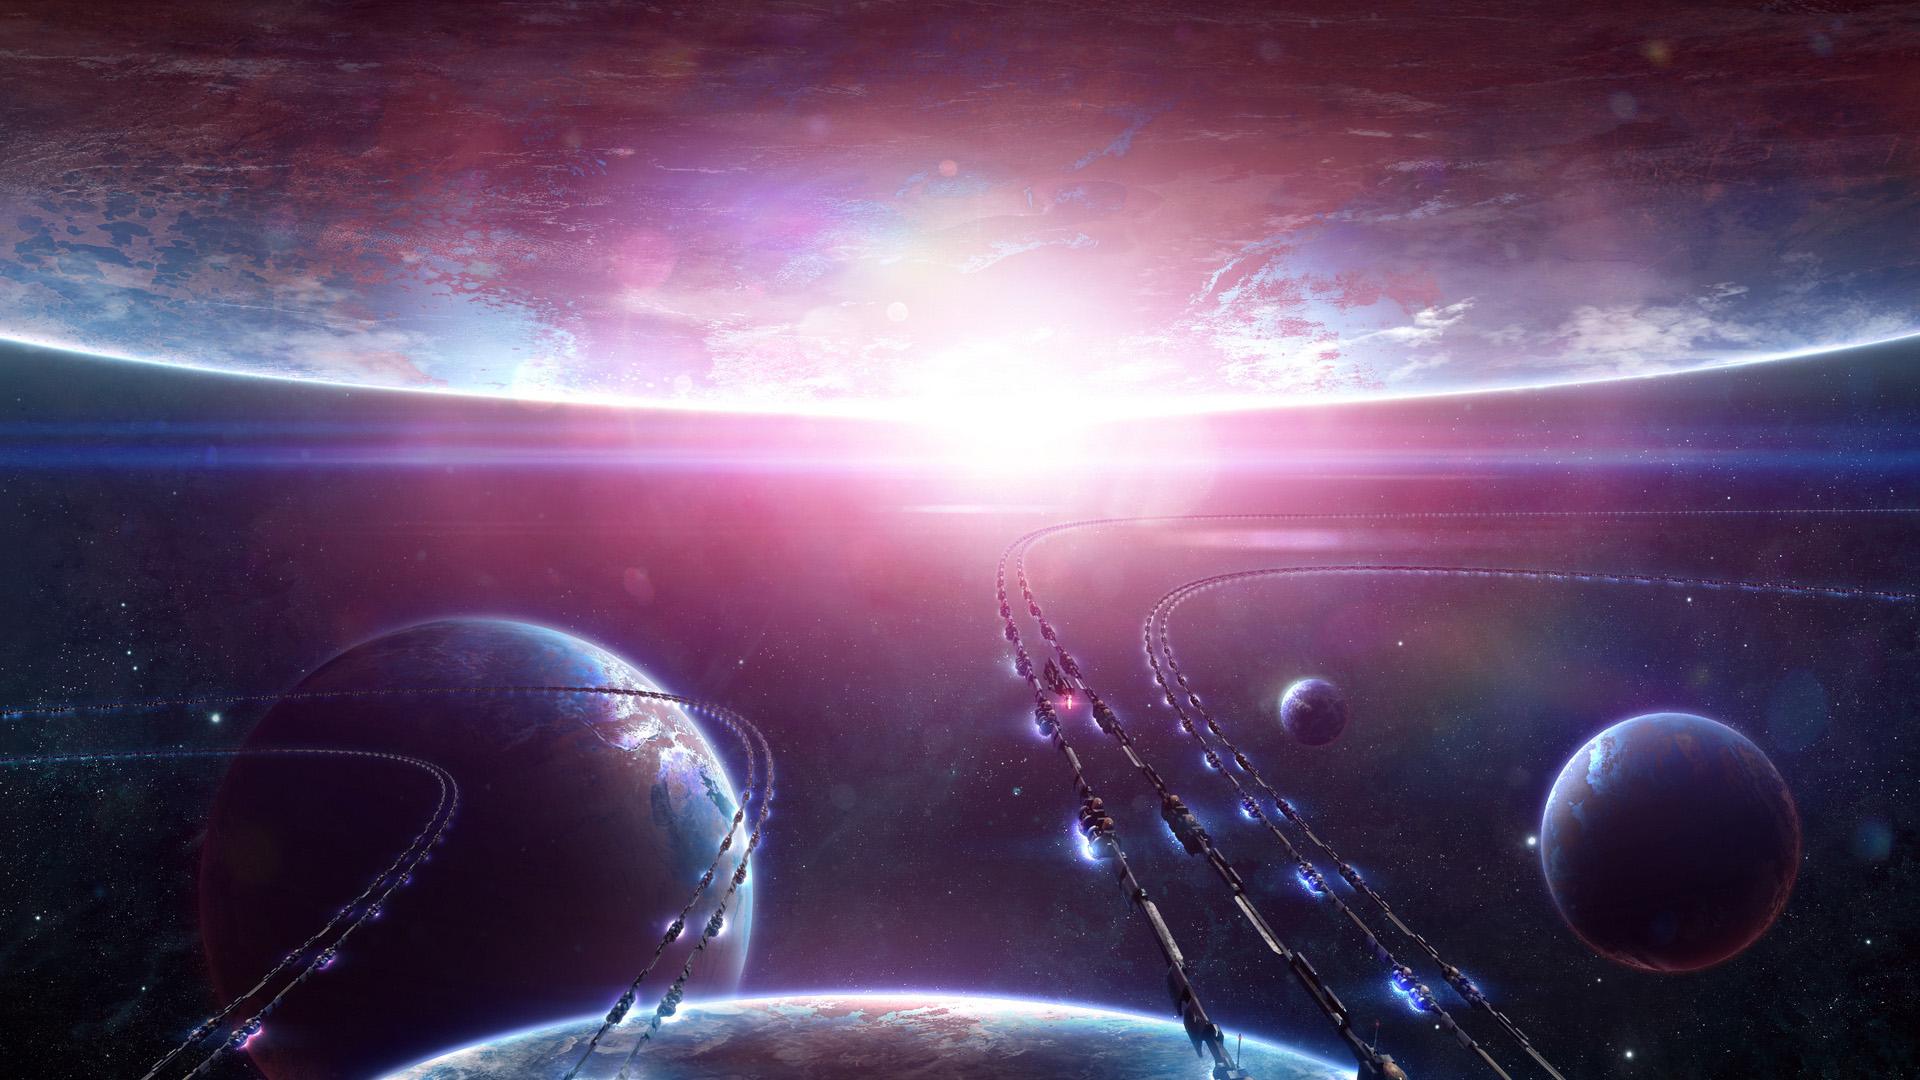 Прикольные и крутые обои космоса на рабочий стол - подборка №8 7